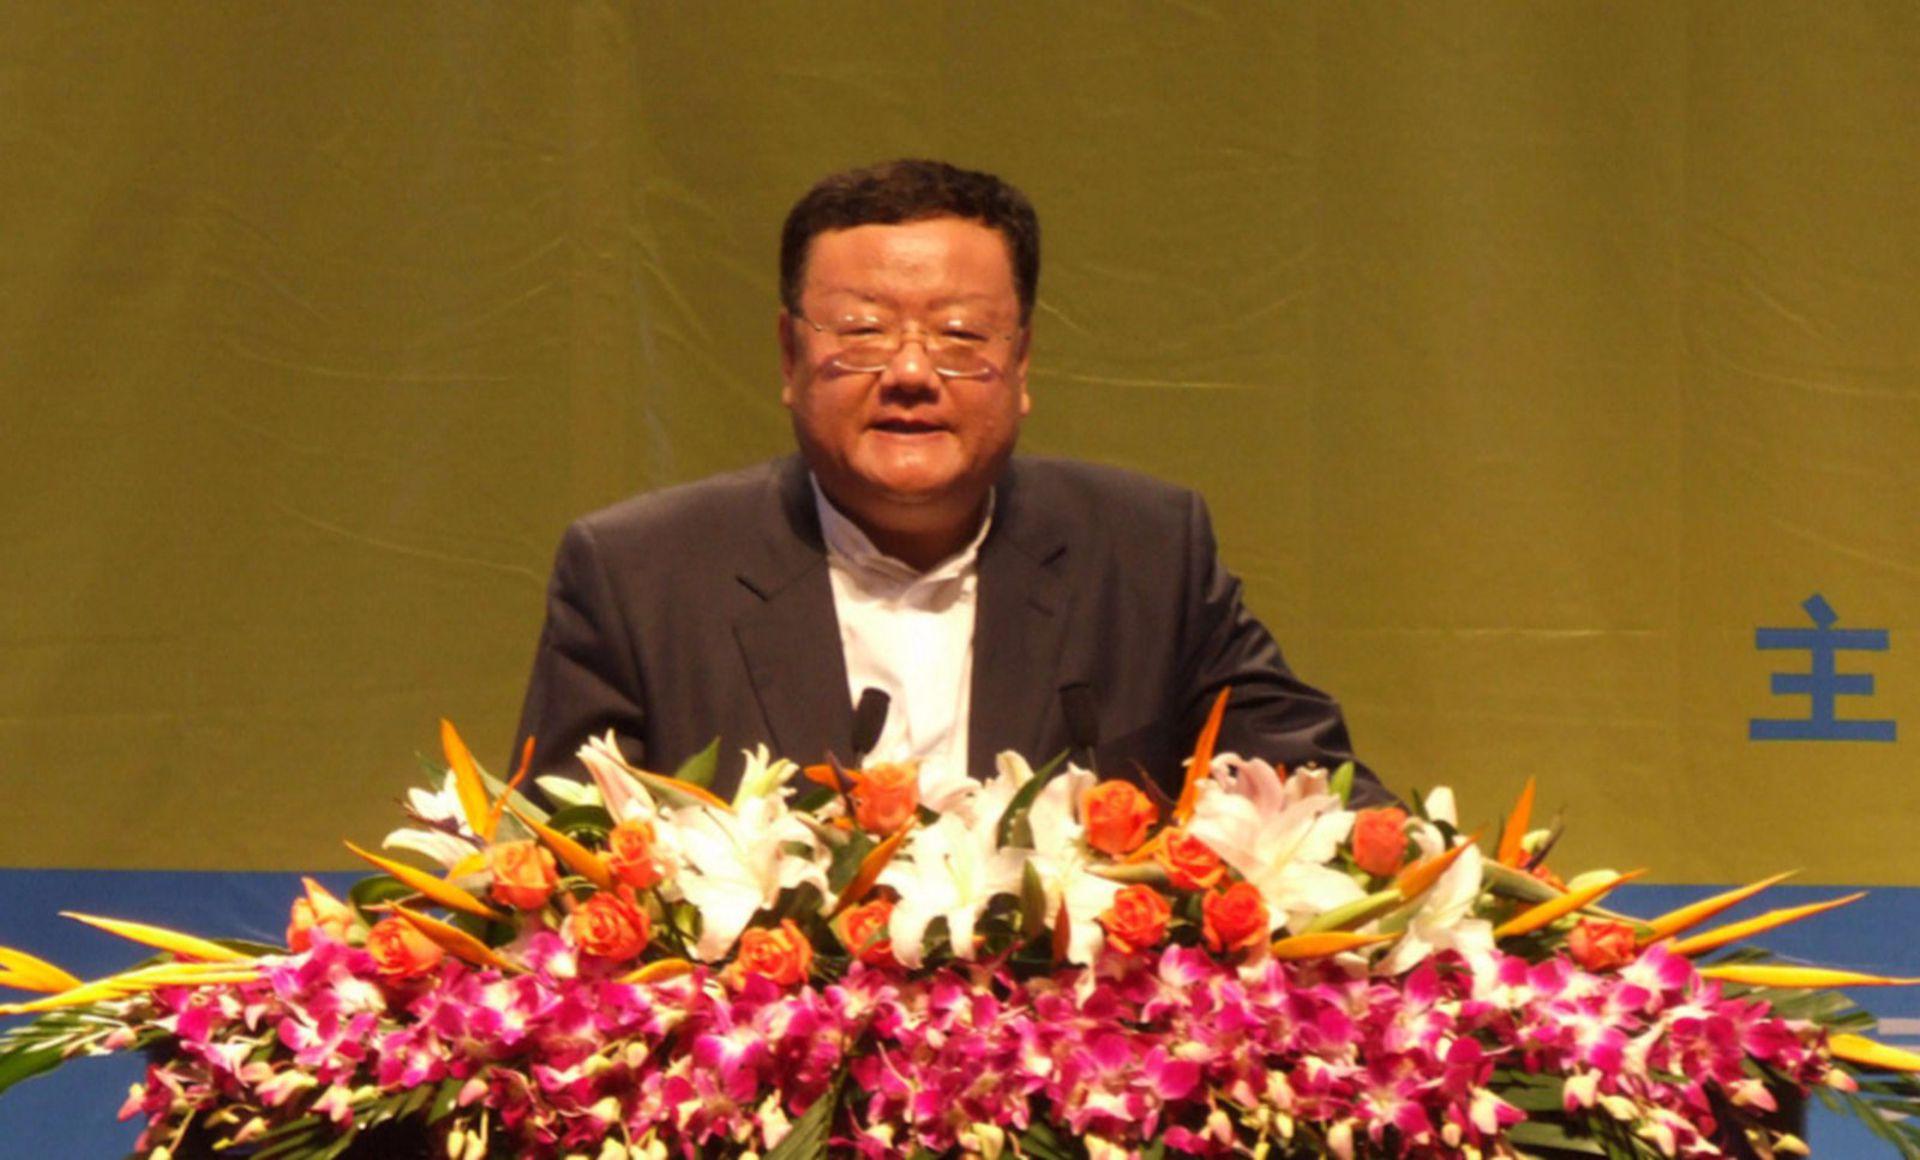 劉長樂辭任鳳凰衞視主席及執行董事